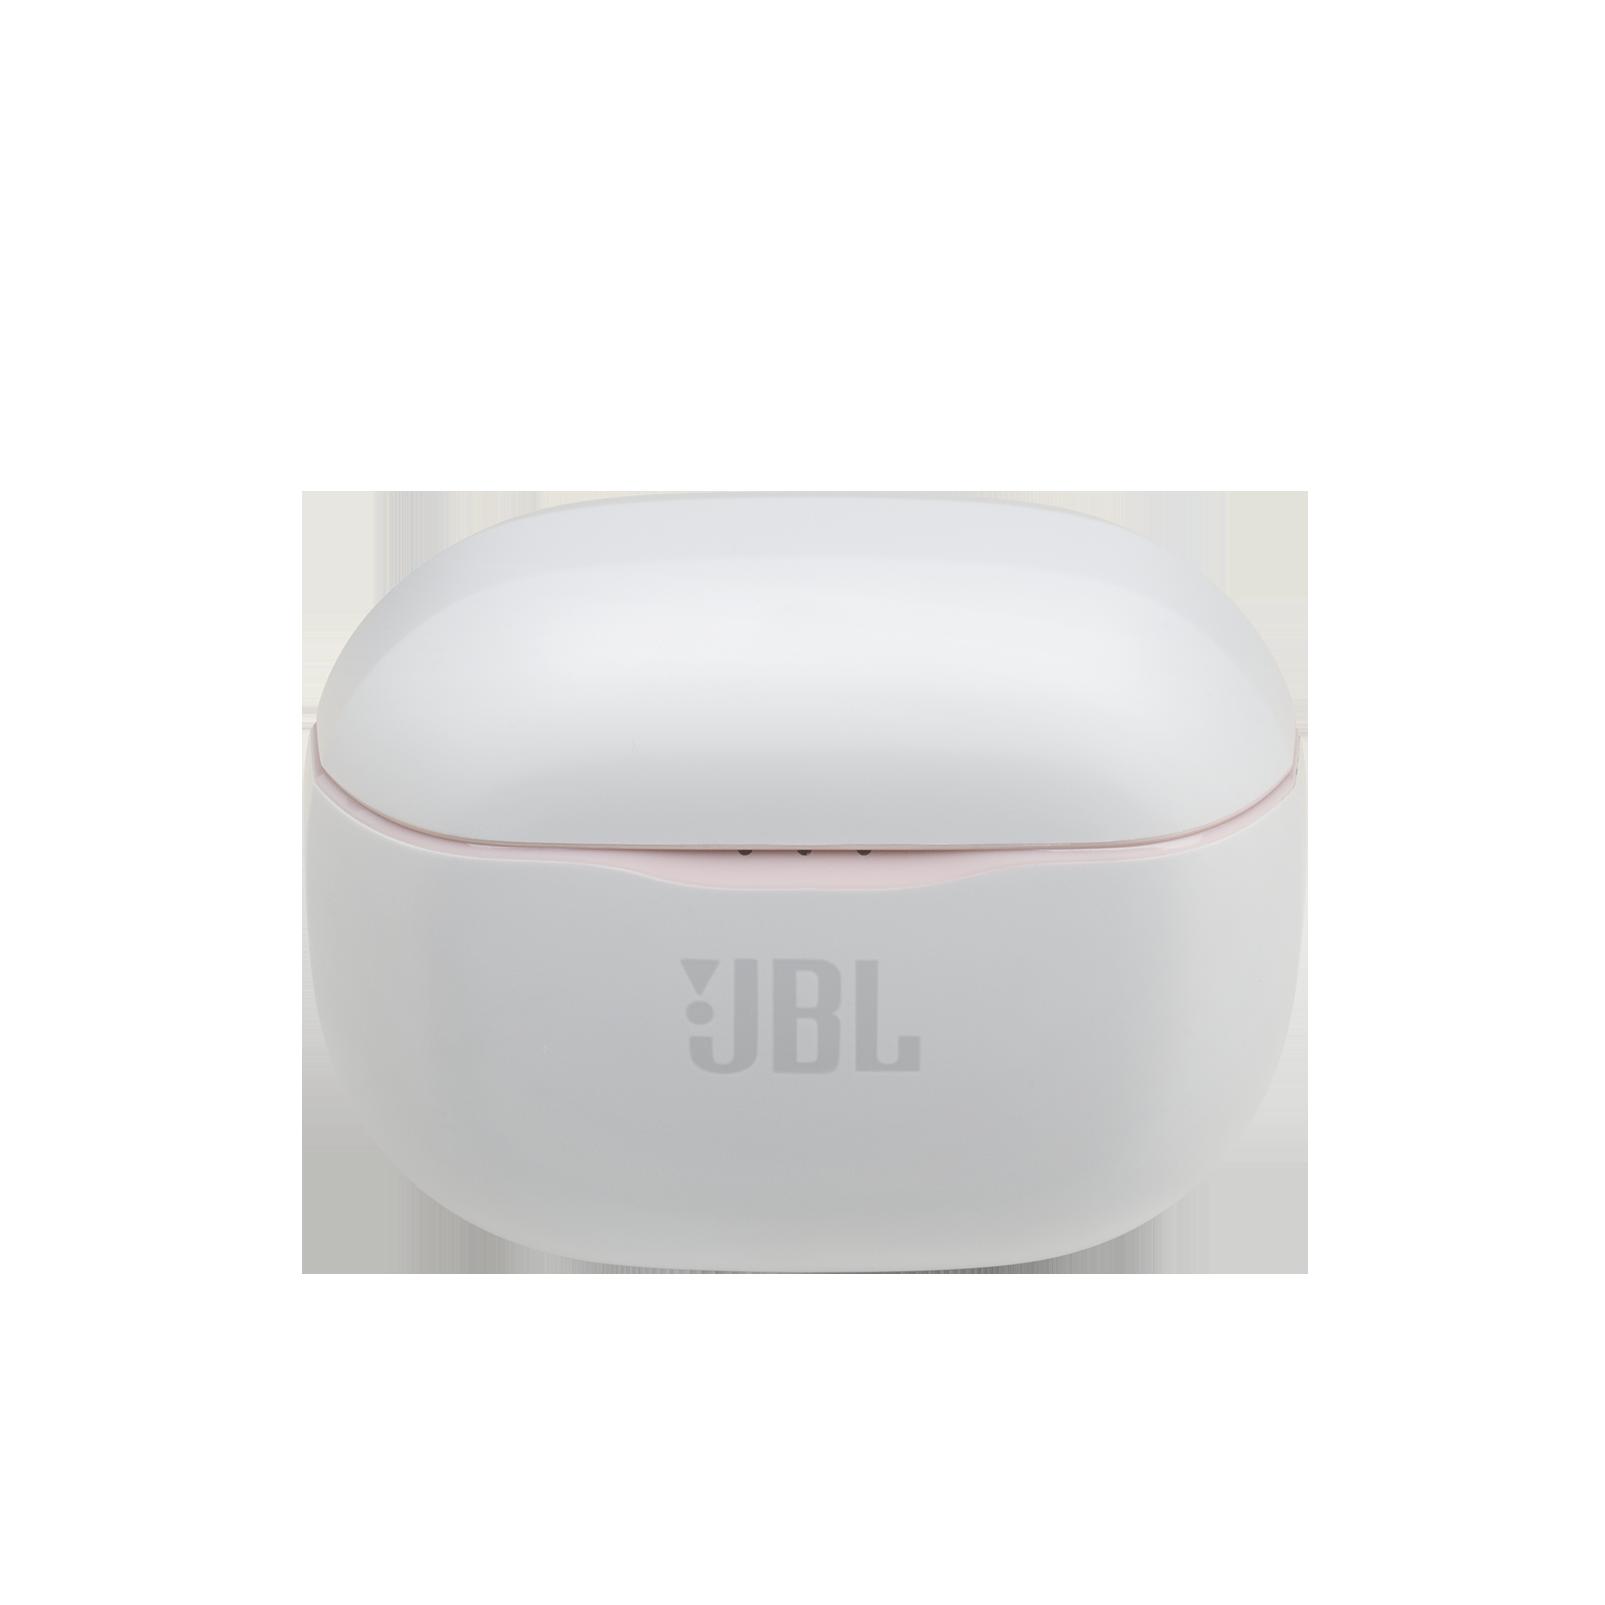 JBL TUNE 120TWS - Pink - Truly wireless in-ear headphones. - Detailshot 1